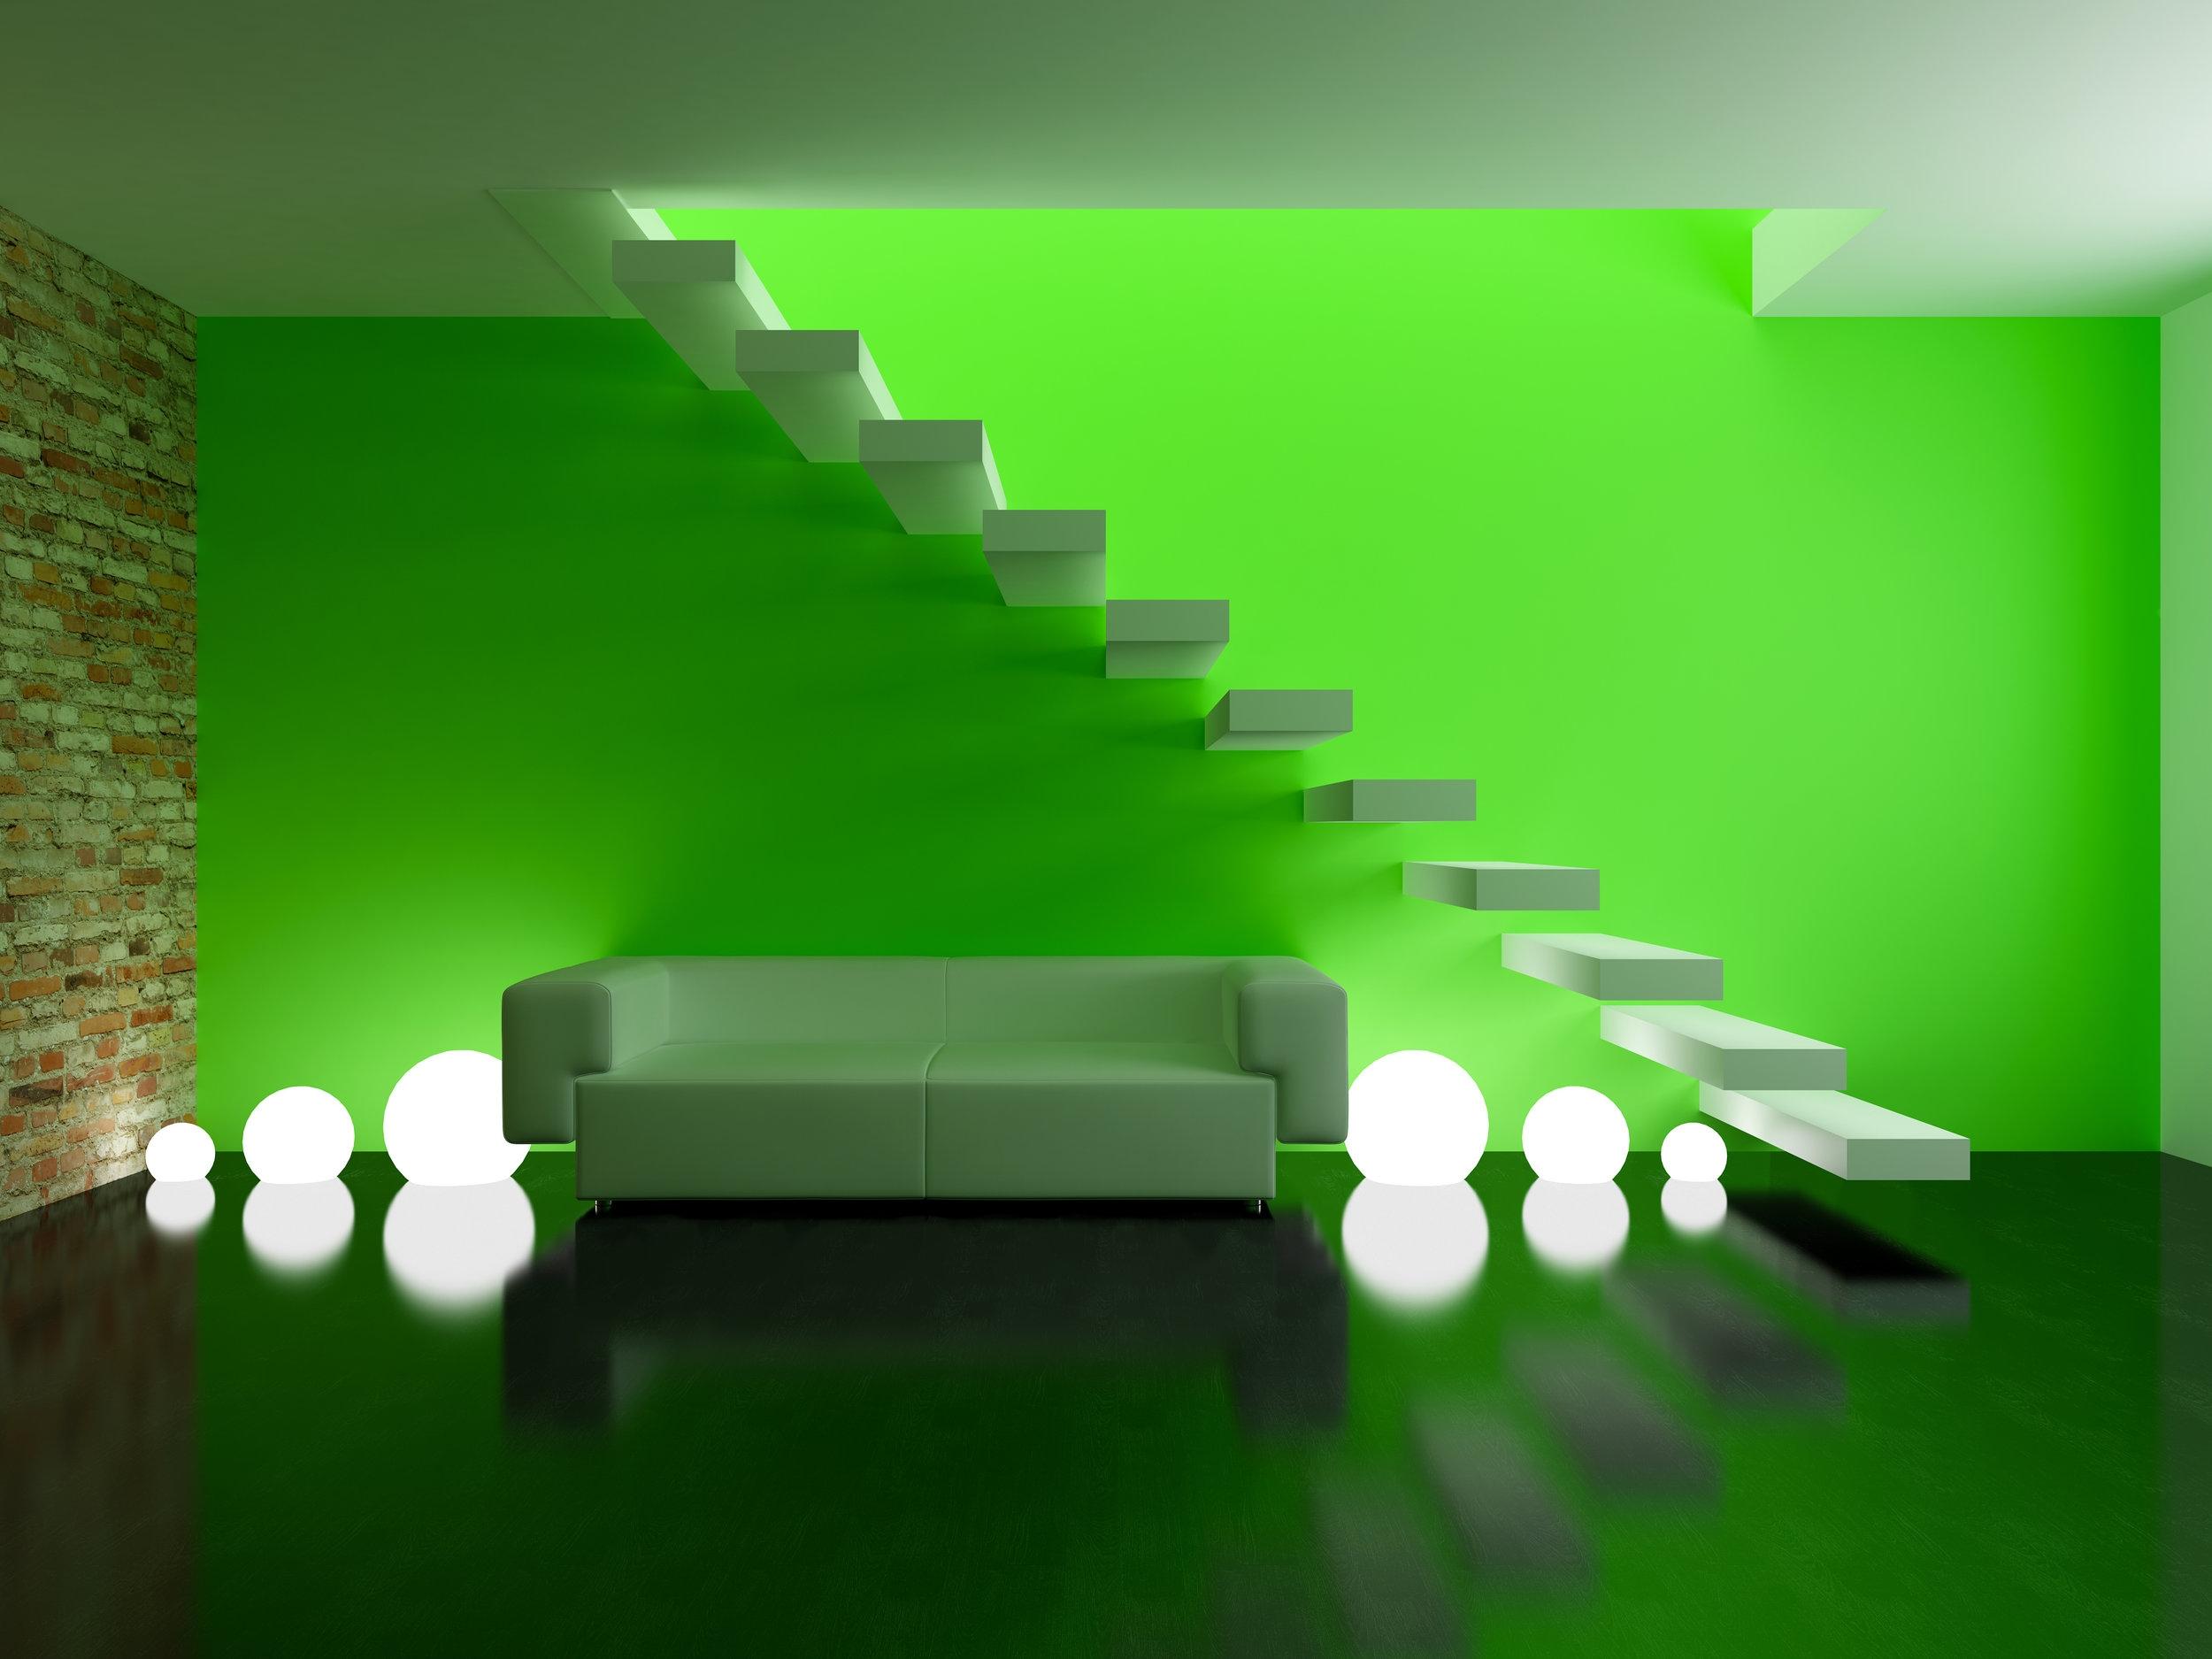 ◆家電・家具付き賃貸物件で暮らすメリットデメリットとは -